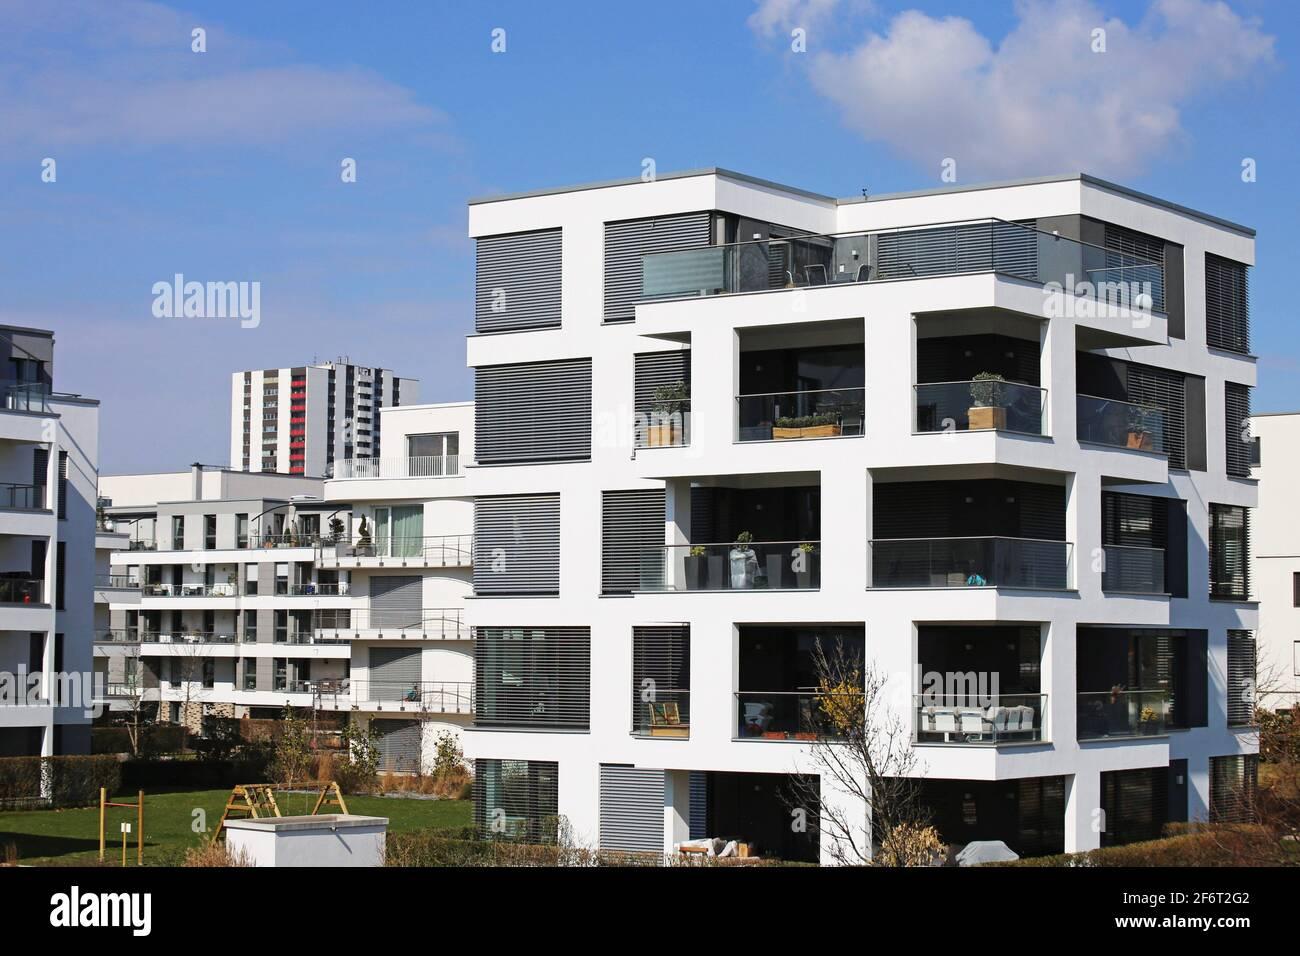 Moderno complejo residencial de estilo urbano. Foto de stock